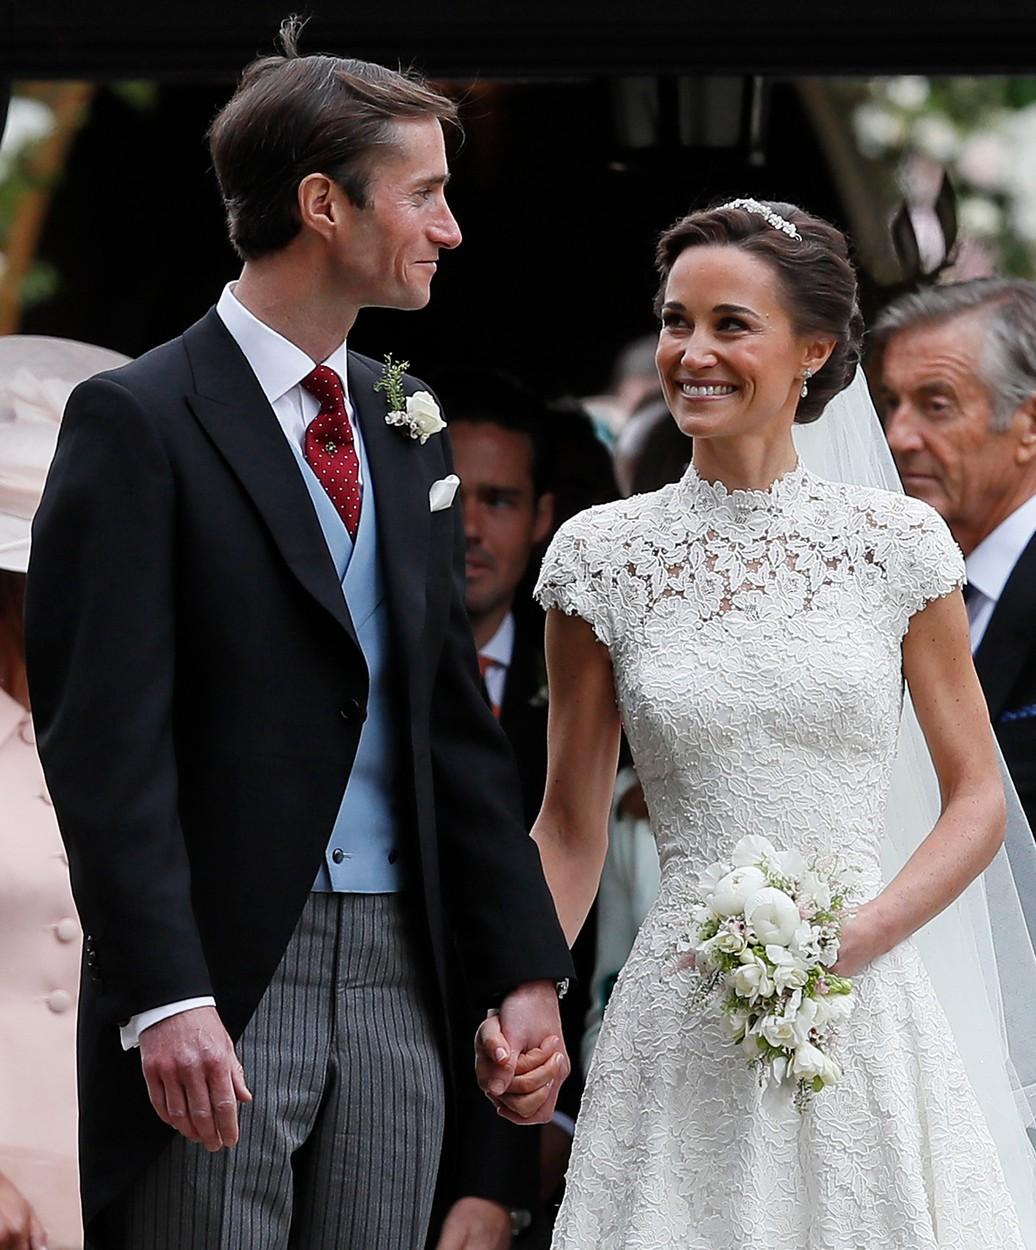 Ilyen gyönyörű menyasszony volt Pippa Middleton - fotók